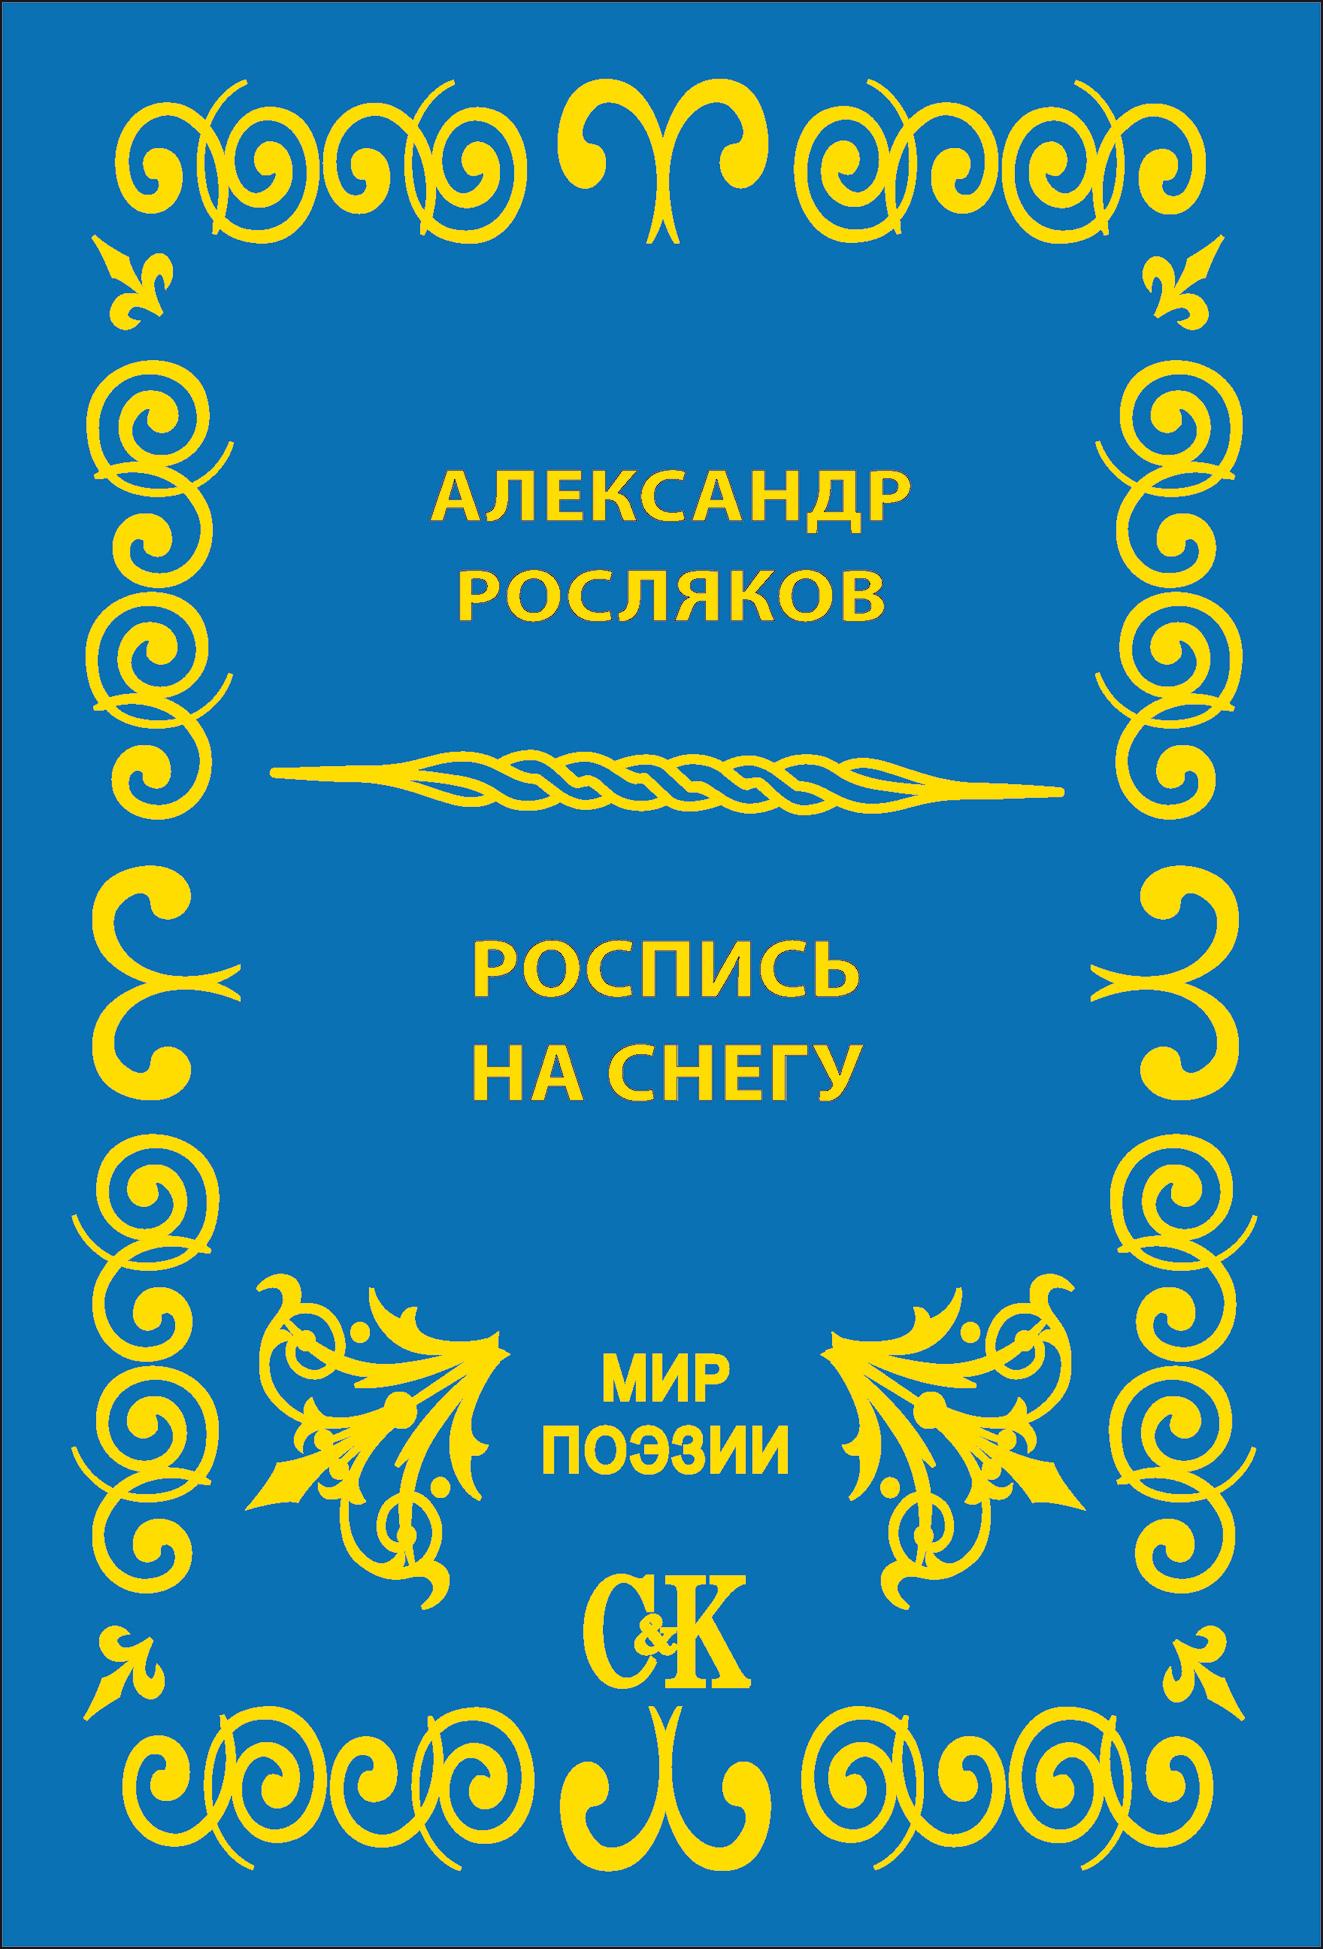 Александр Росляков Роспись на снегу евгений кунгуров с любовью к женщине 2018 12 21t19 00